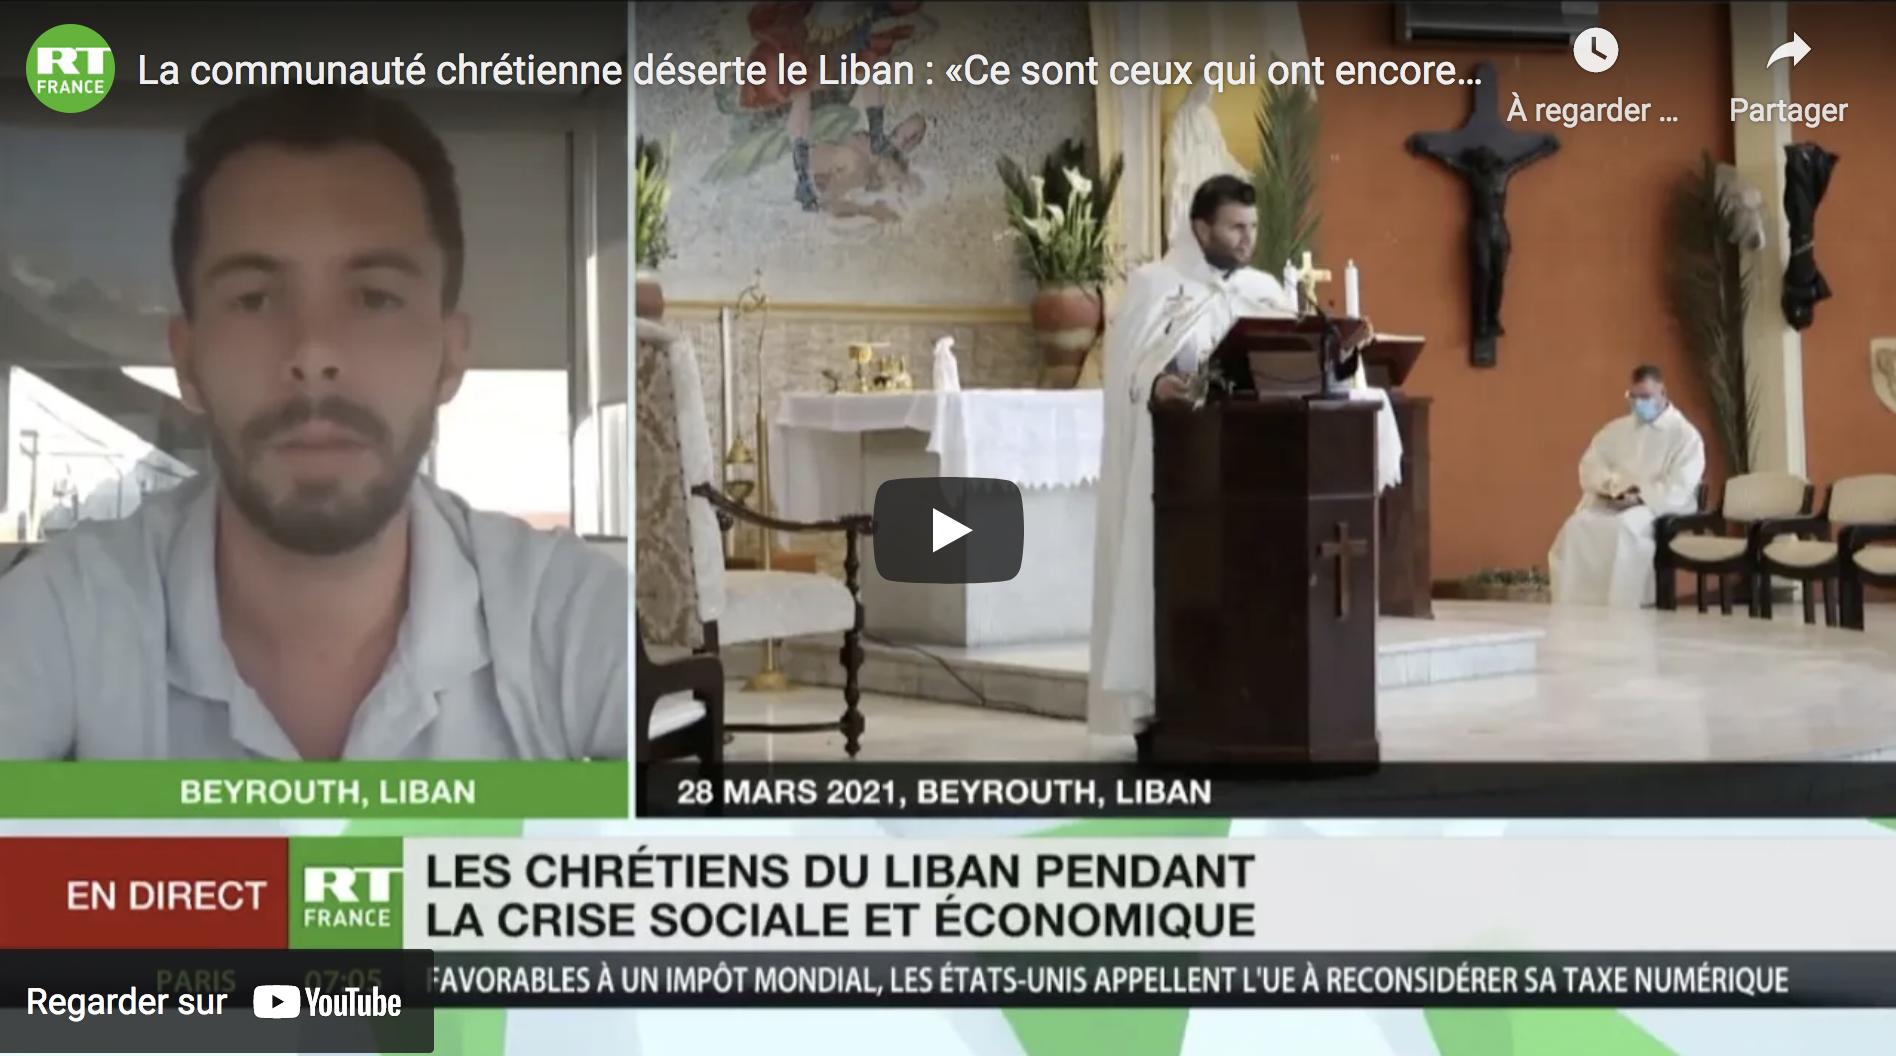 La communauté chrétienne déserte le Liban : « Ce sont ceux qui ont encore les moyens de partir » (VIDÉO)